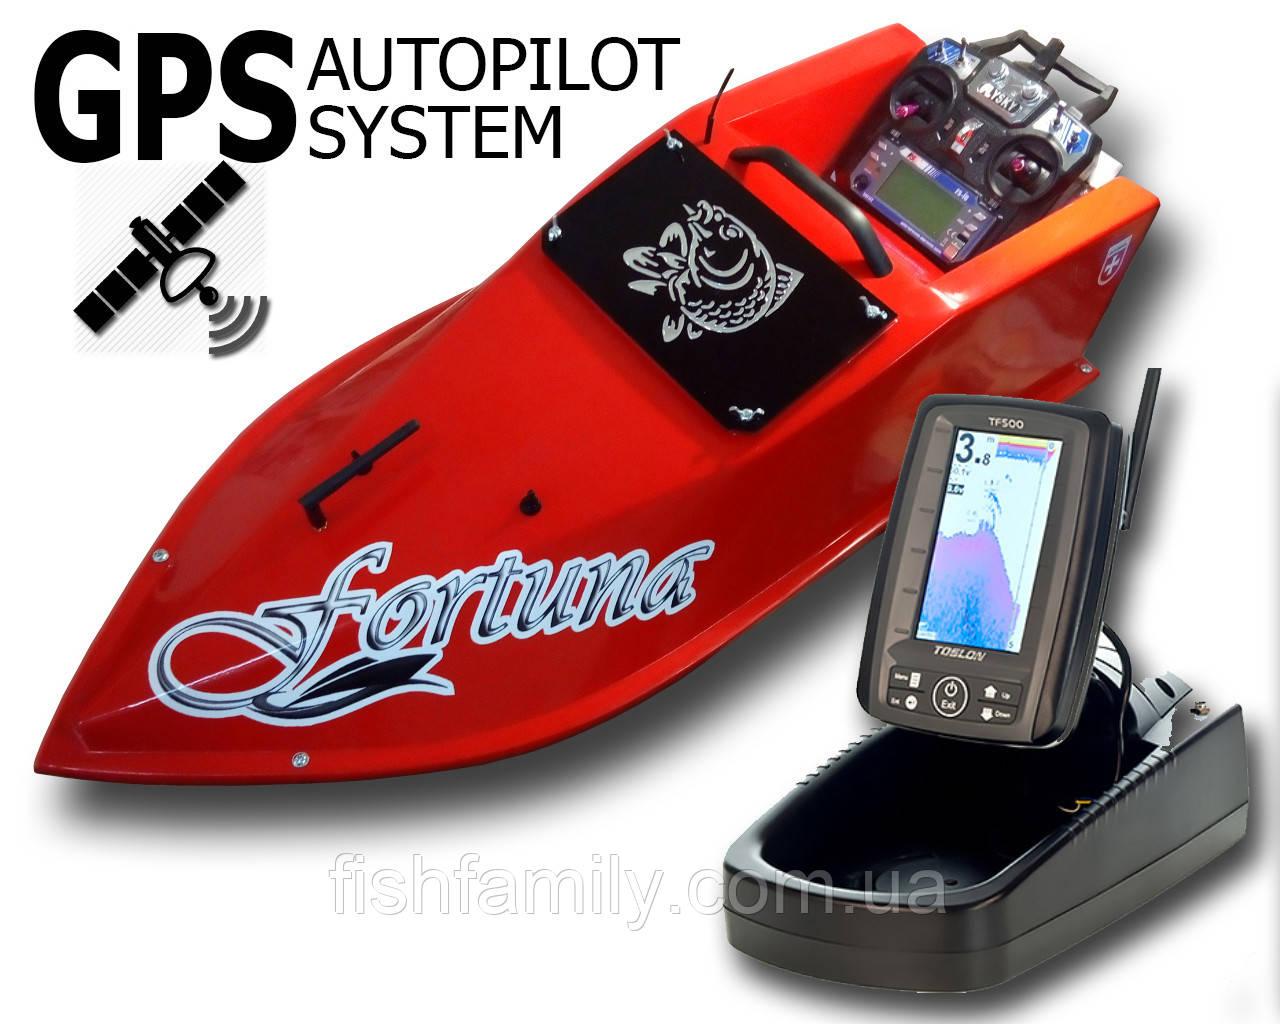 Карповый кораблик Фортуна с эхолотом Toslon TF-500 + GPS автопилот